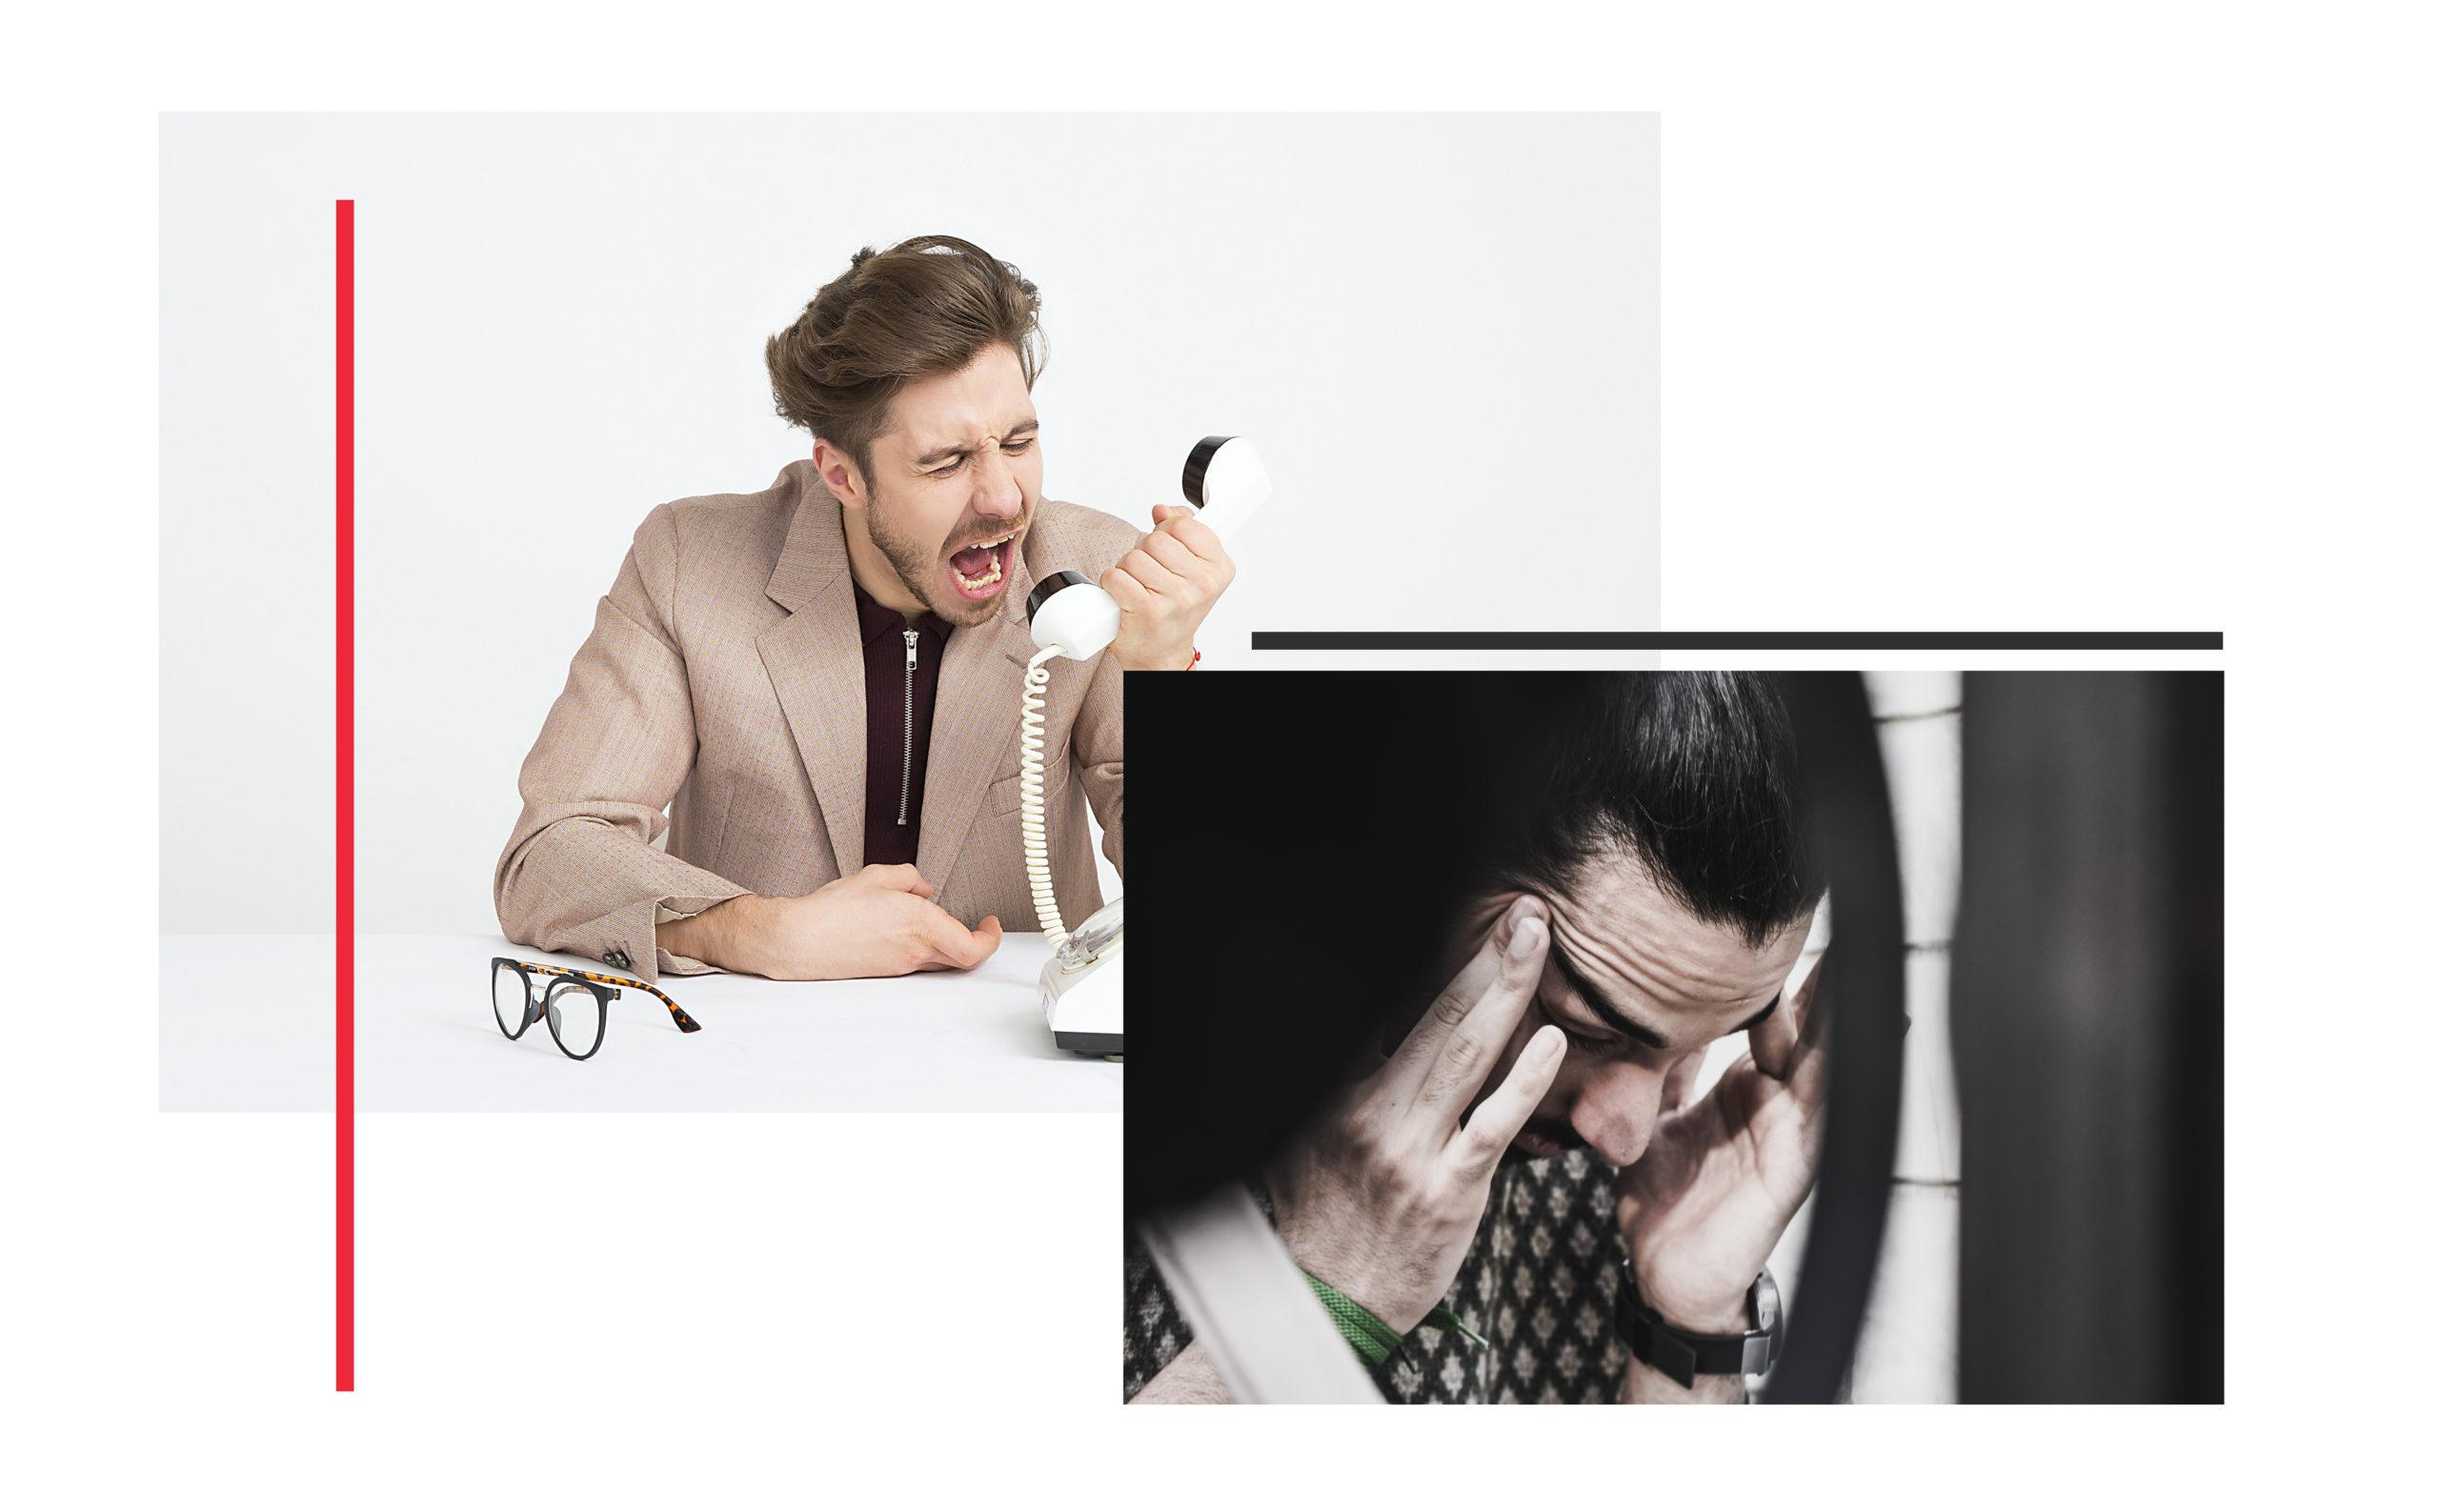 Controla las emociones Cómo dejar de discutir con tu pareja Guillermo Morante